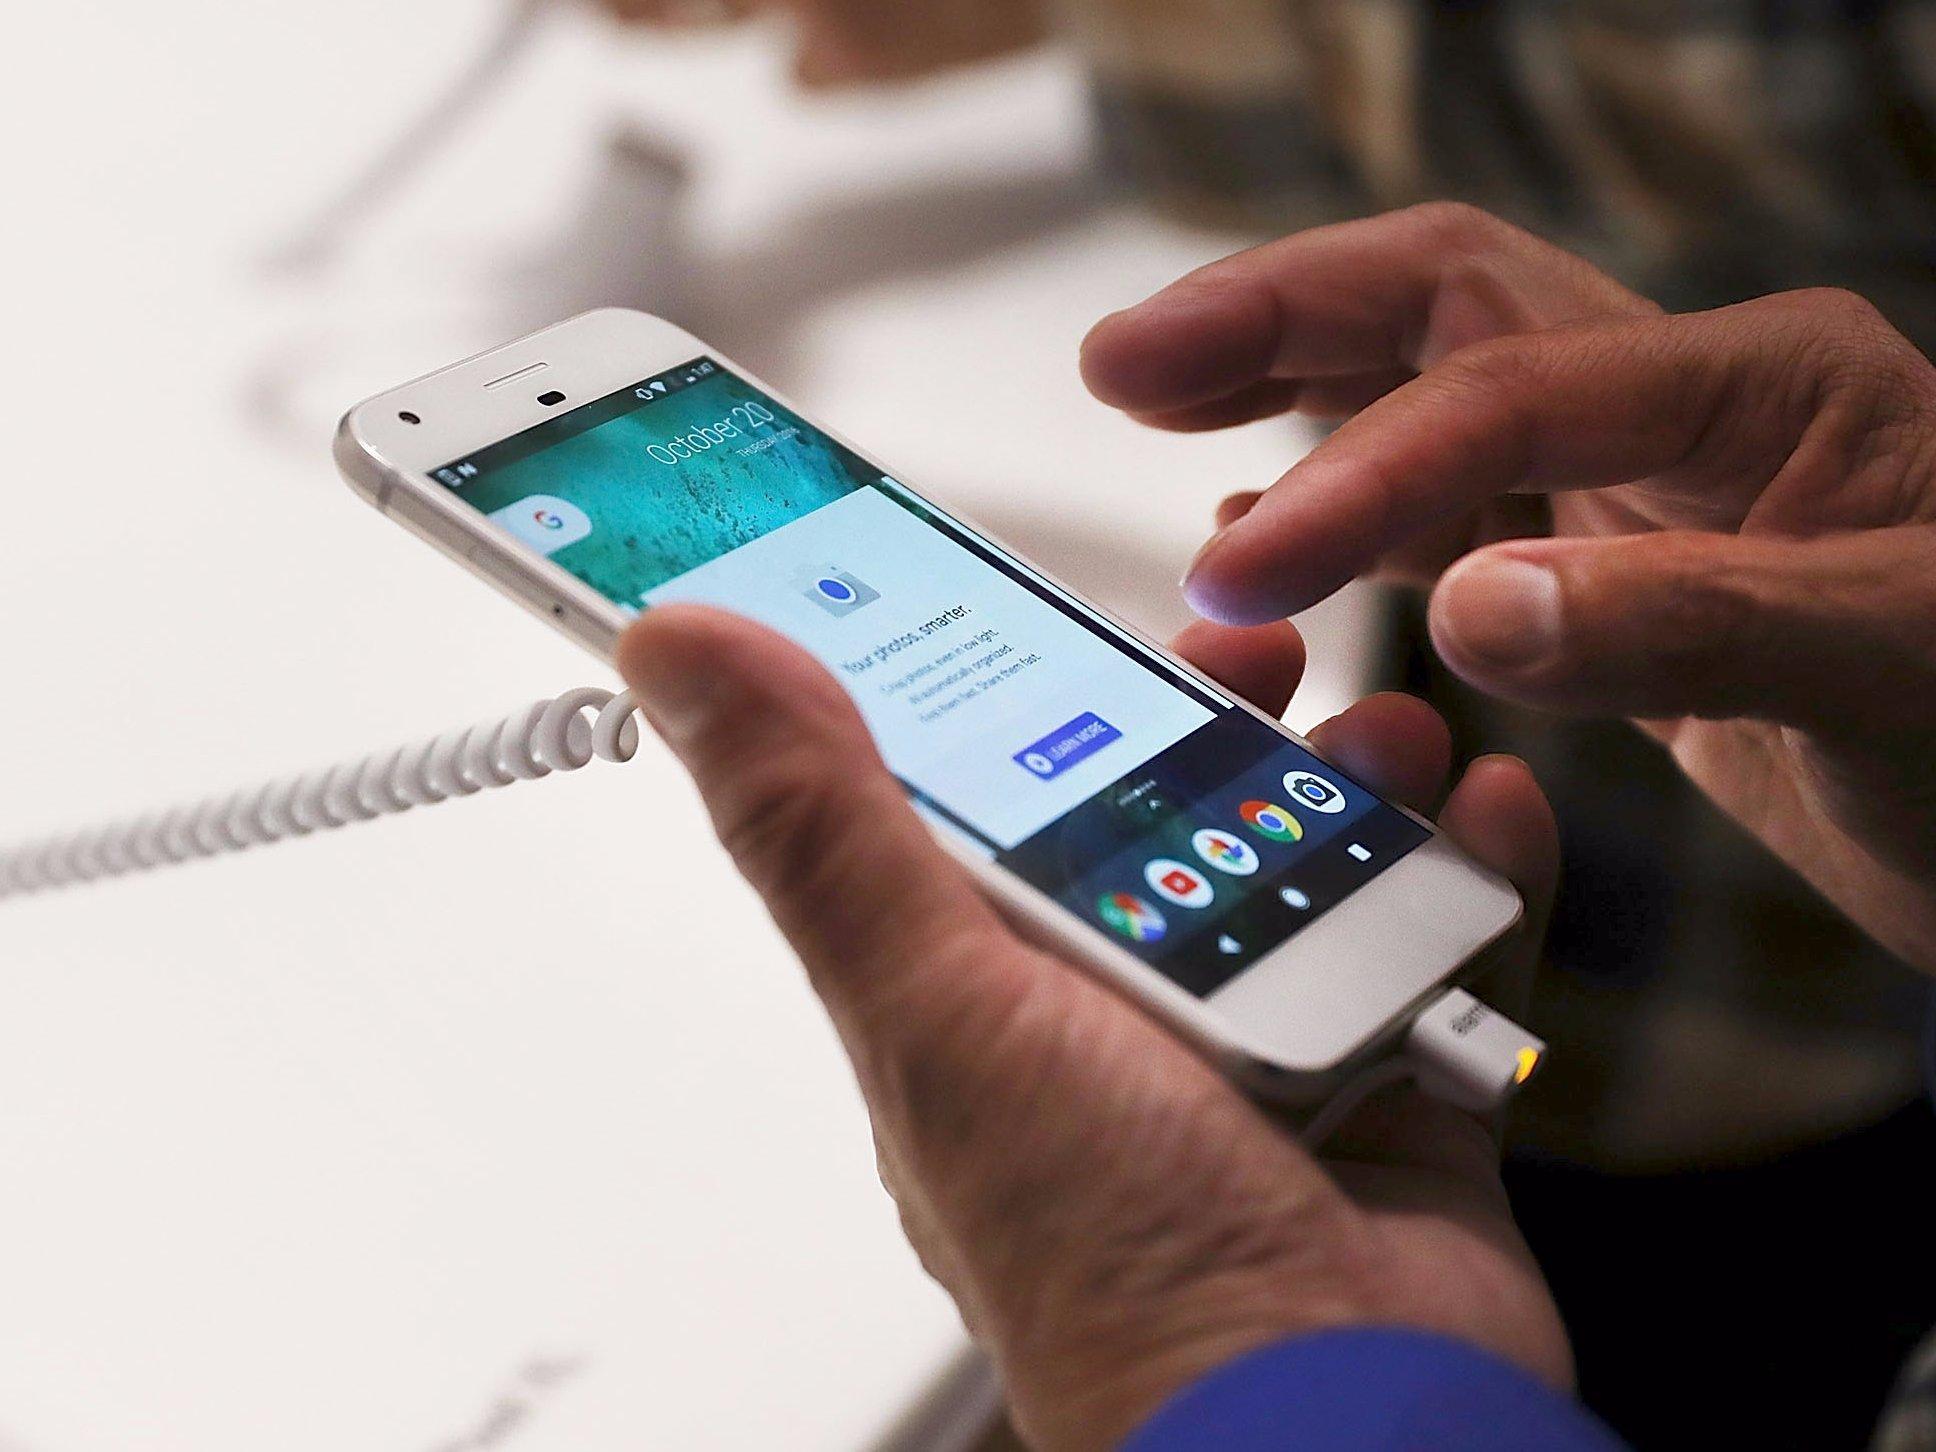 Новый вирус может поразить любой смартфон за10 секунд через Bluetooth